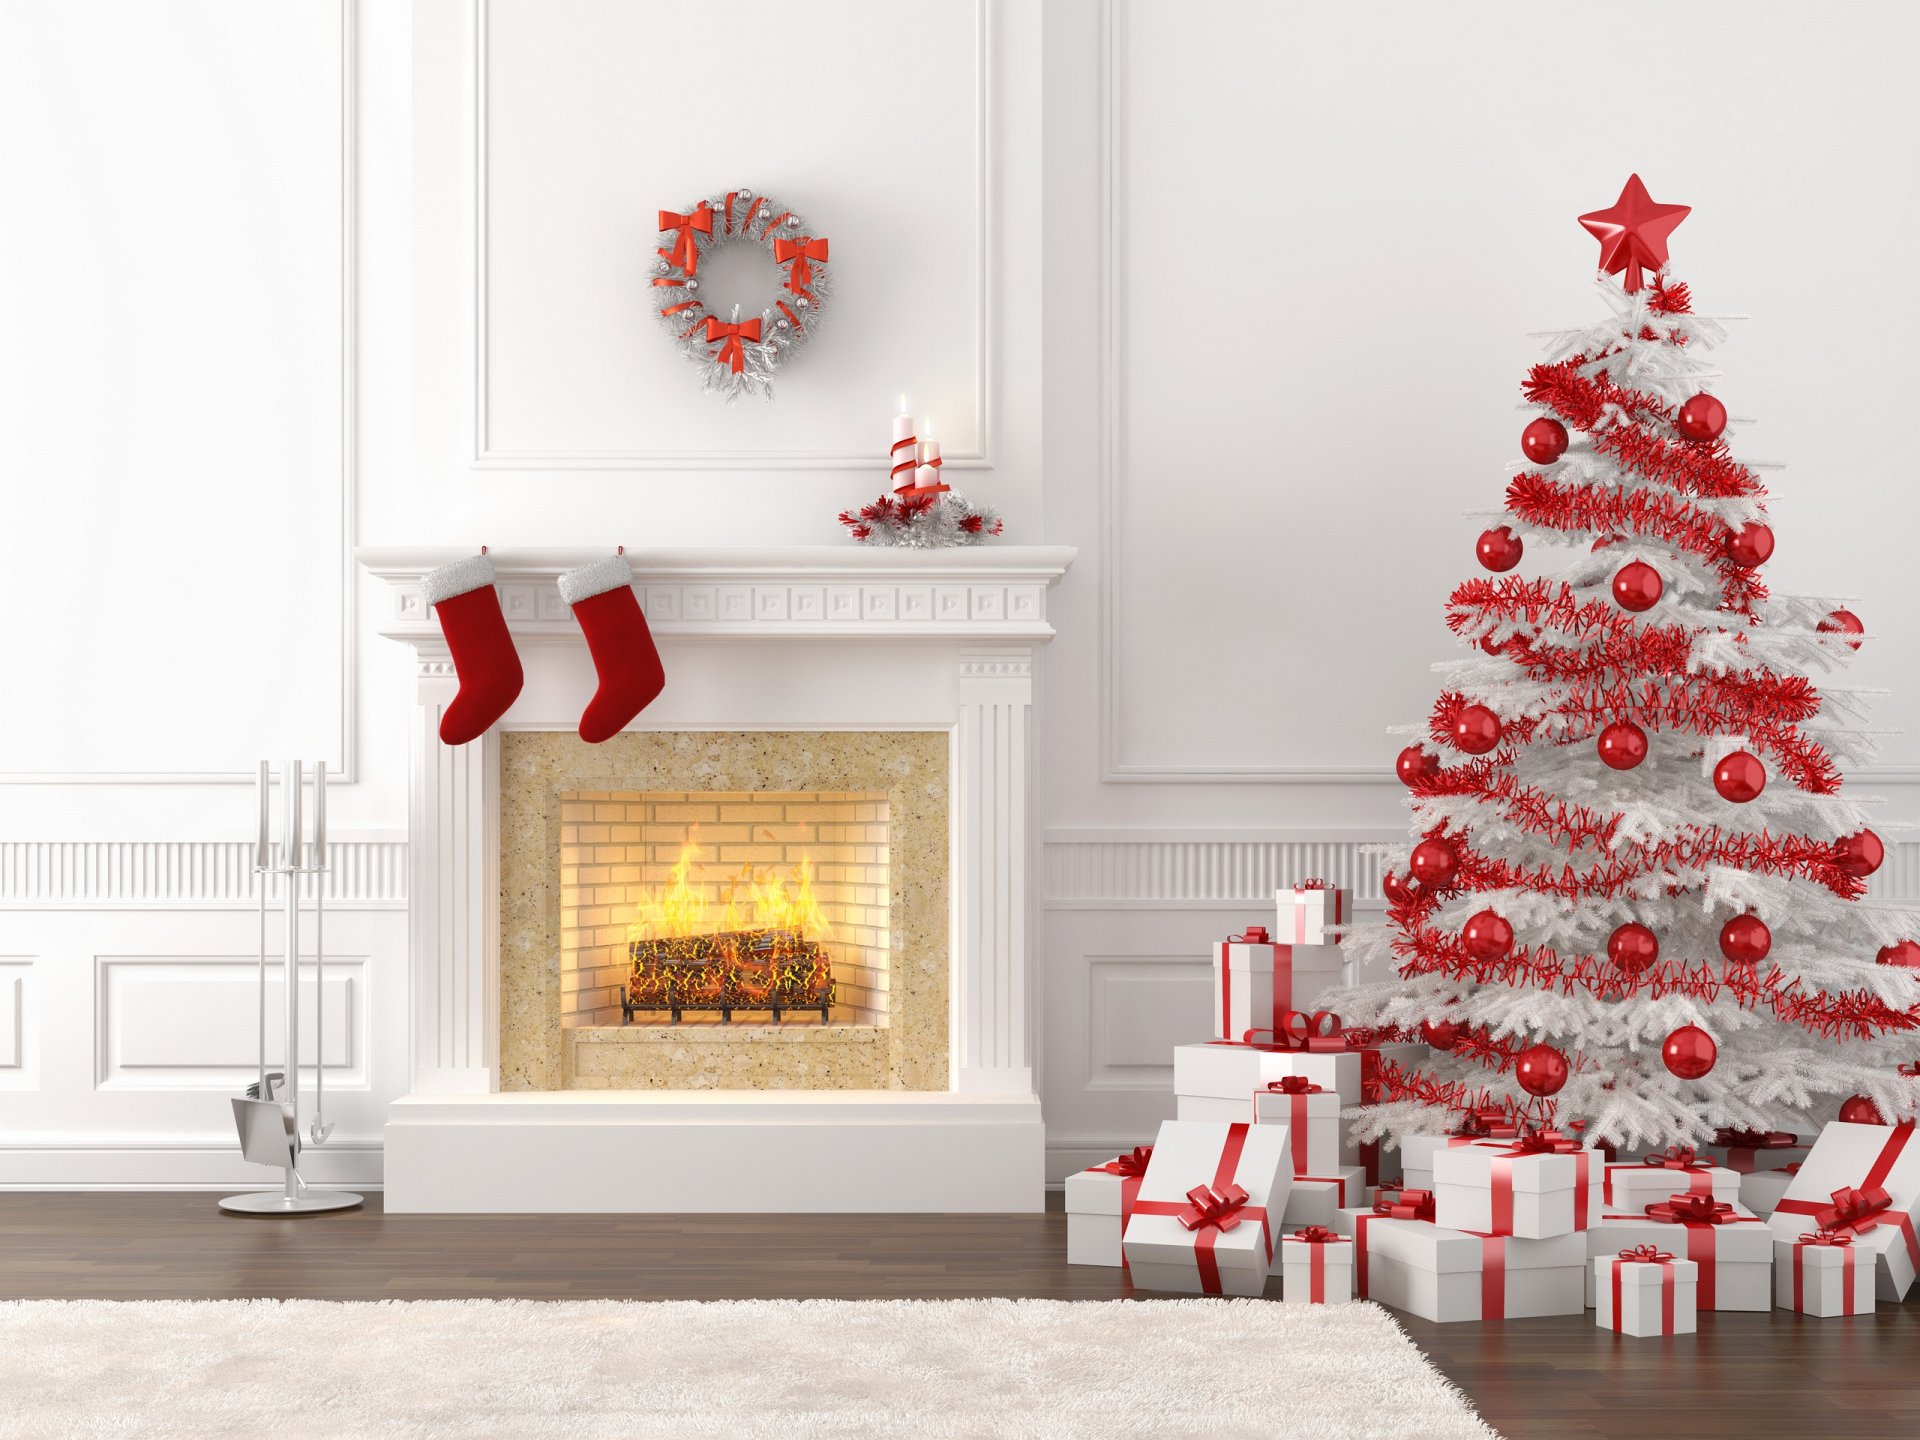 Natale sta arrivando 5 idee regalo per la casa arredobene for Idee regalo di natale per la casa